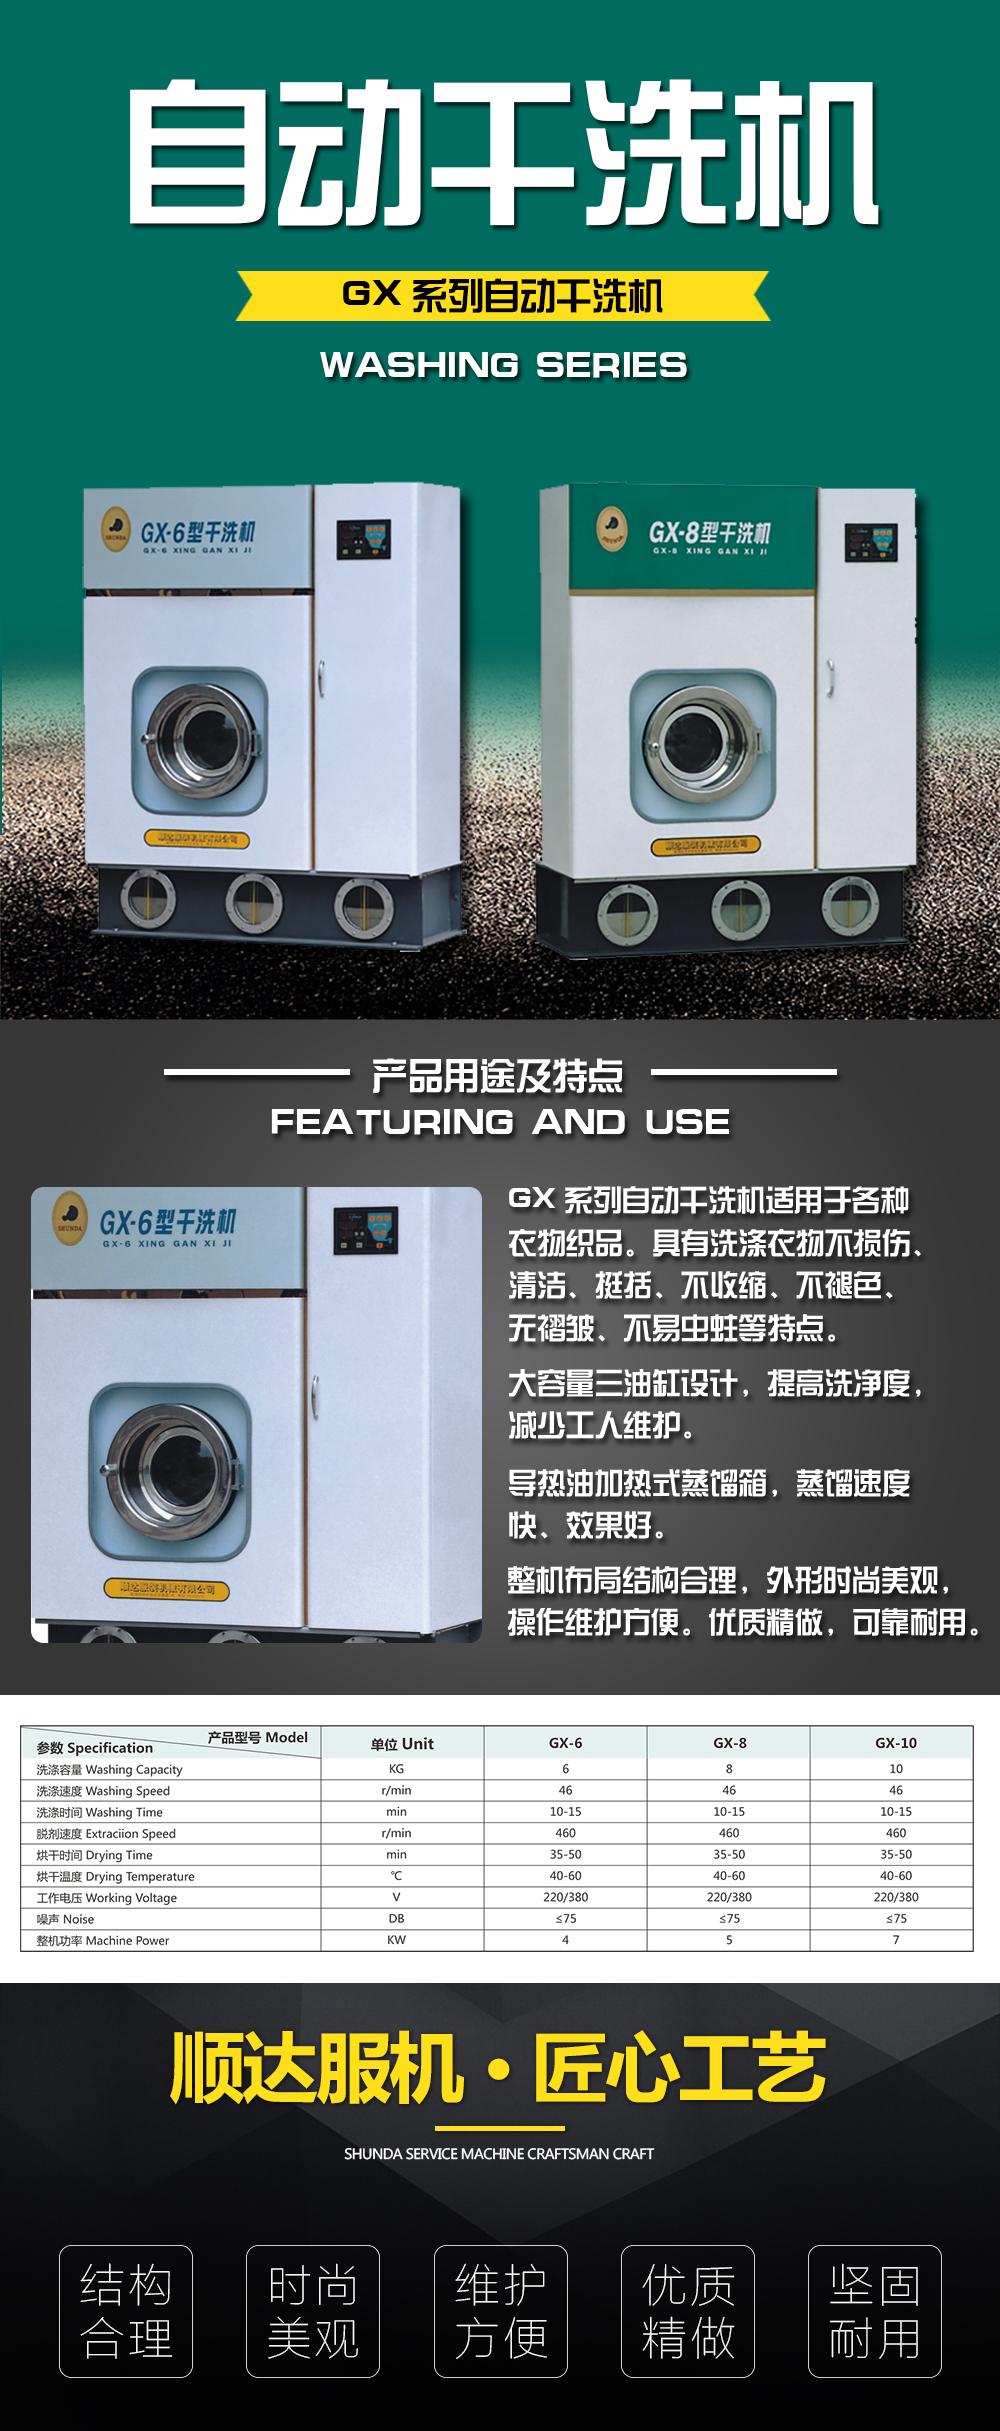 gx-6型干洗机